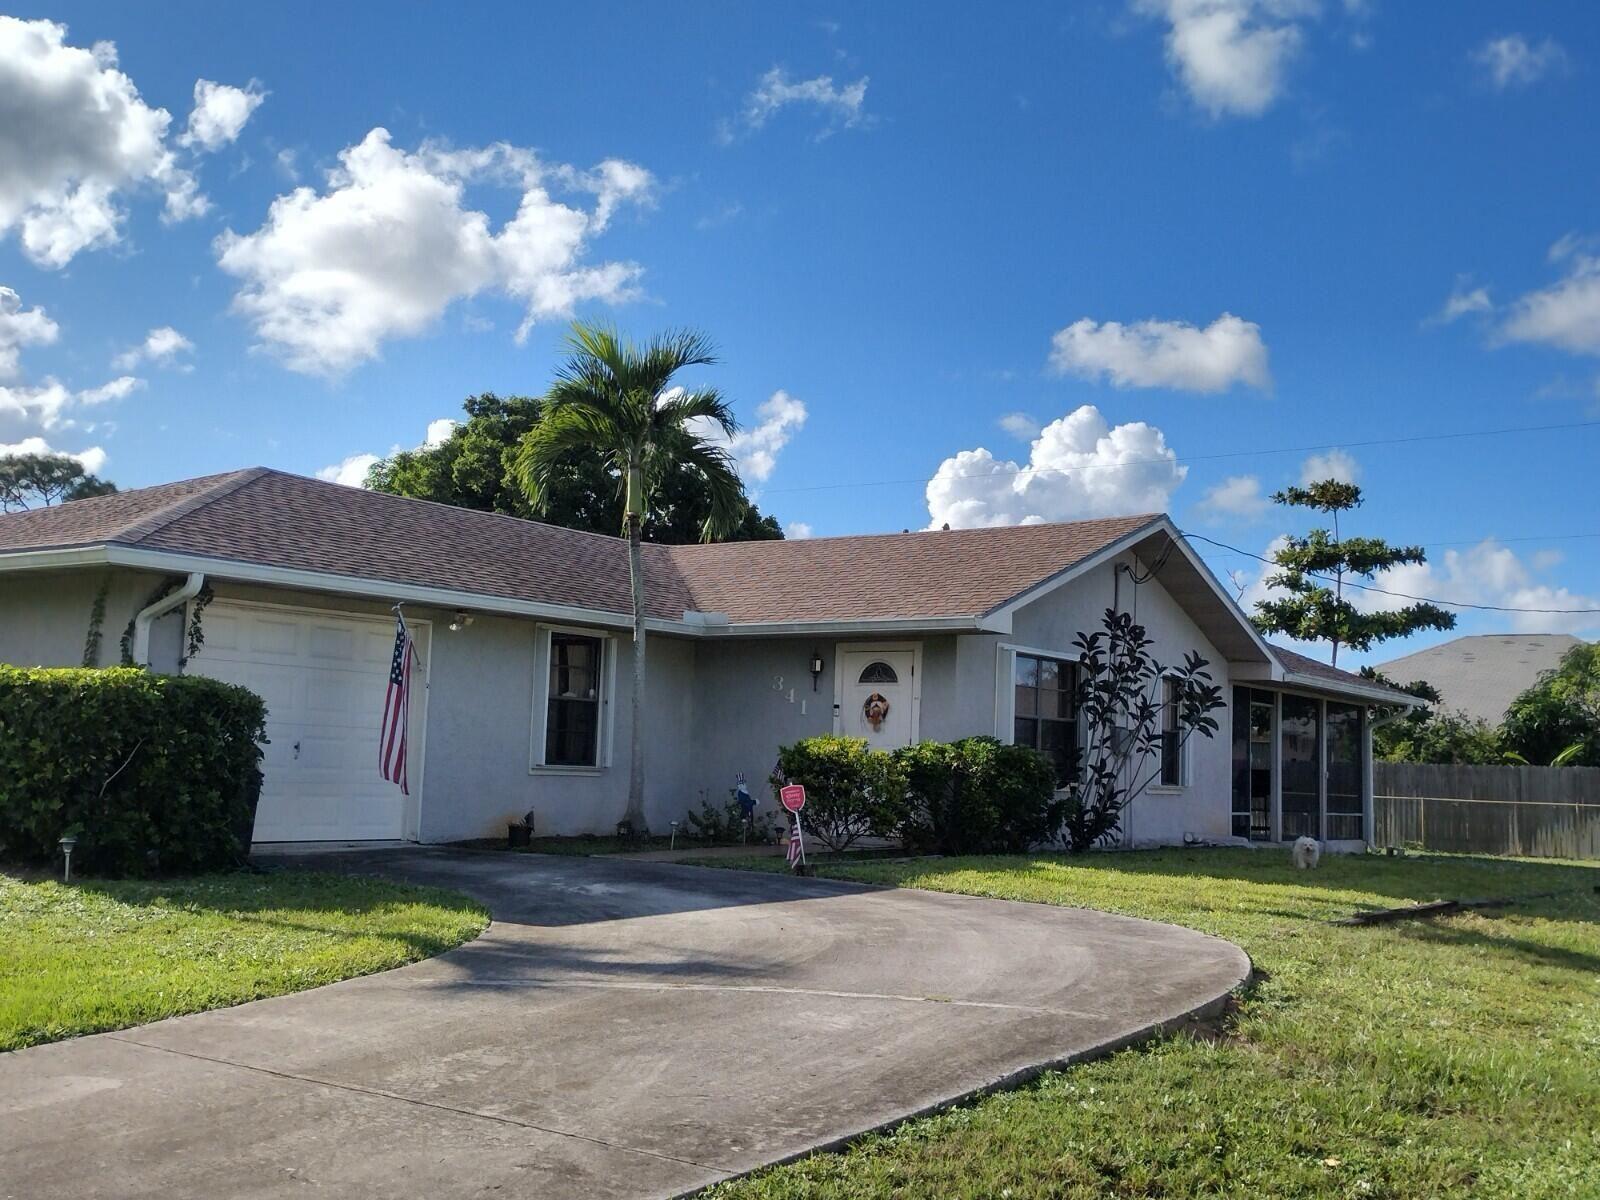 341 SE Volkerts Terrace, Port Saint Lucie, FL 34983 - #: RX-10752147